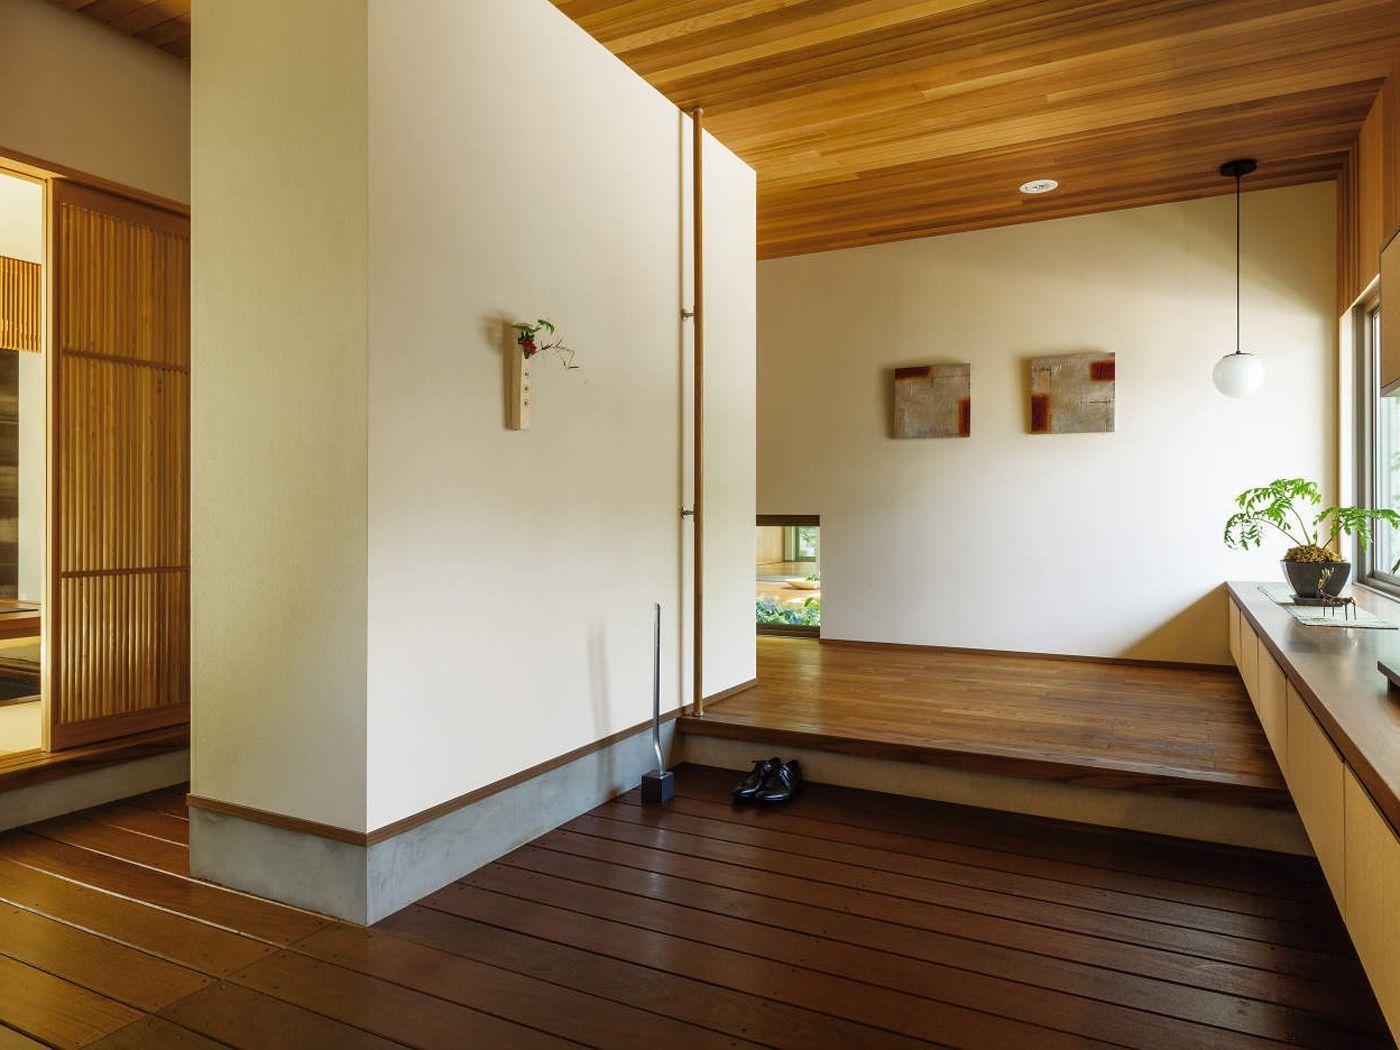 和モダン 玄関 イメージ | 和モダン 玄関, 玄関, 積水ハウス